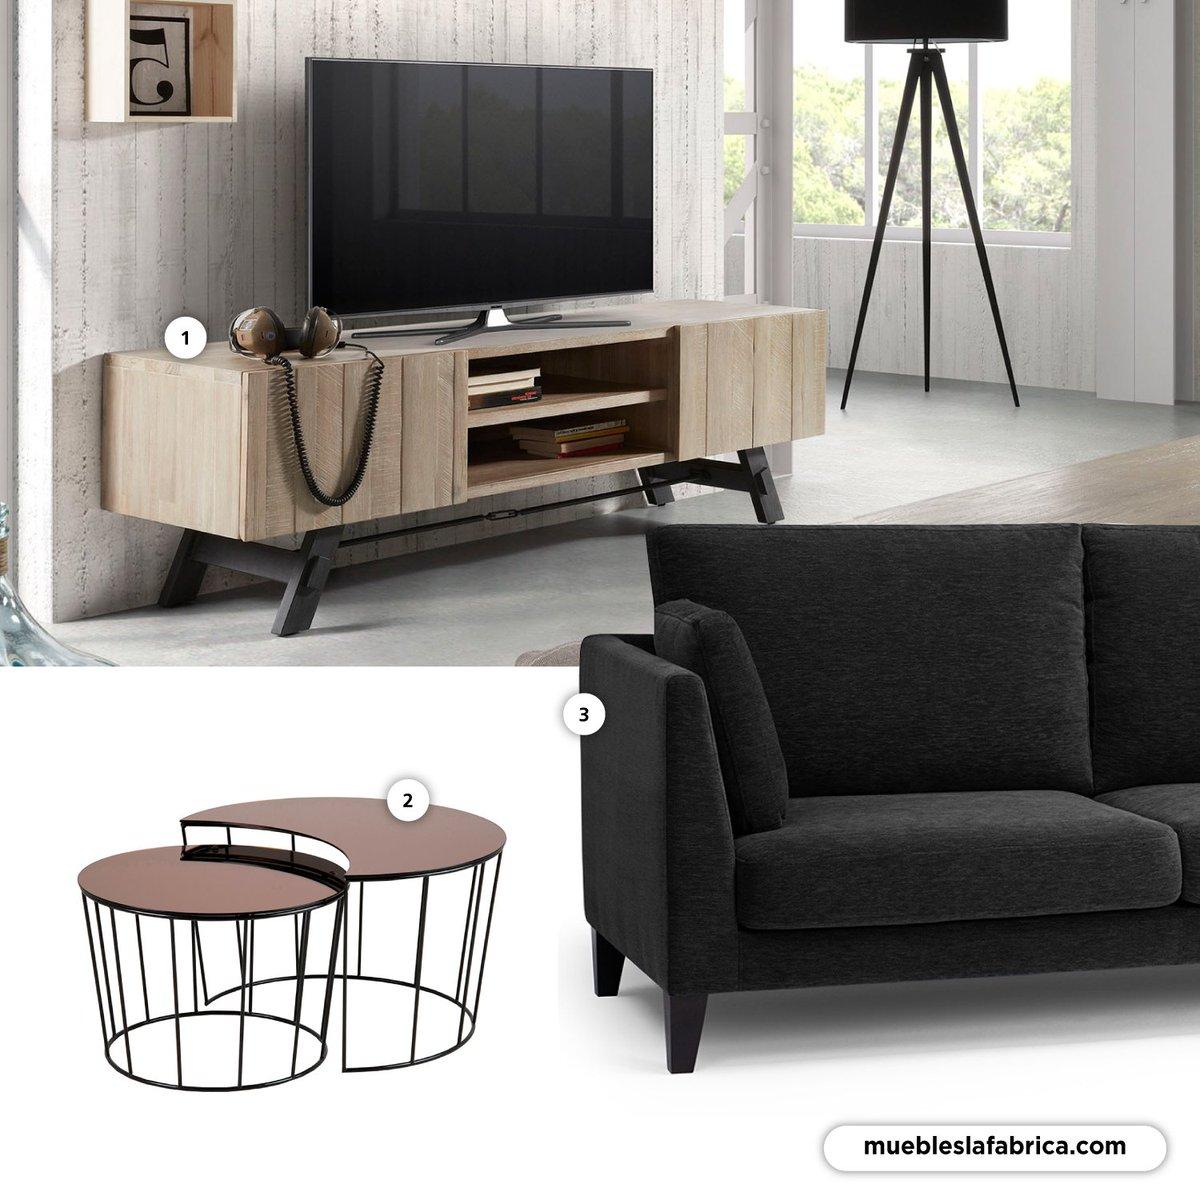 Muebles la fabrica palma tienda de muebles tarragona with muebles la fabrica palma trendy - Muebles nicolau ...